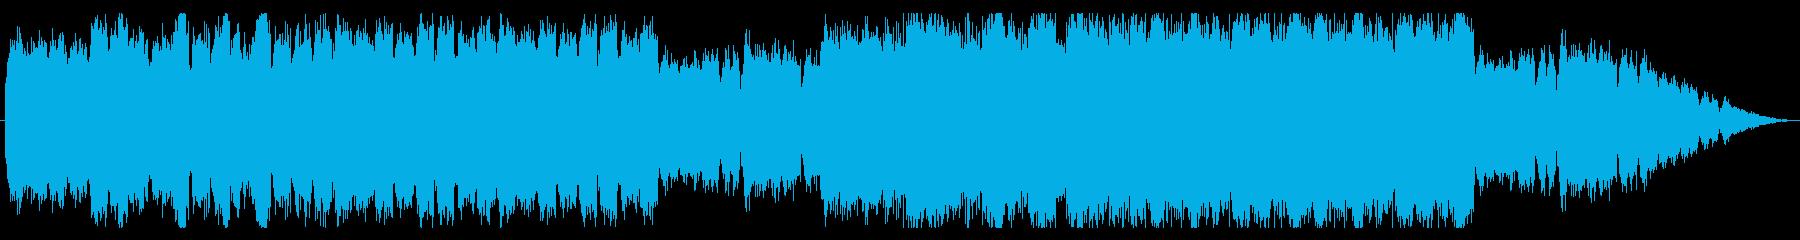 ストリングスを使用したバラードですの再生済みの波形